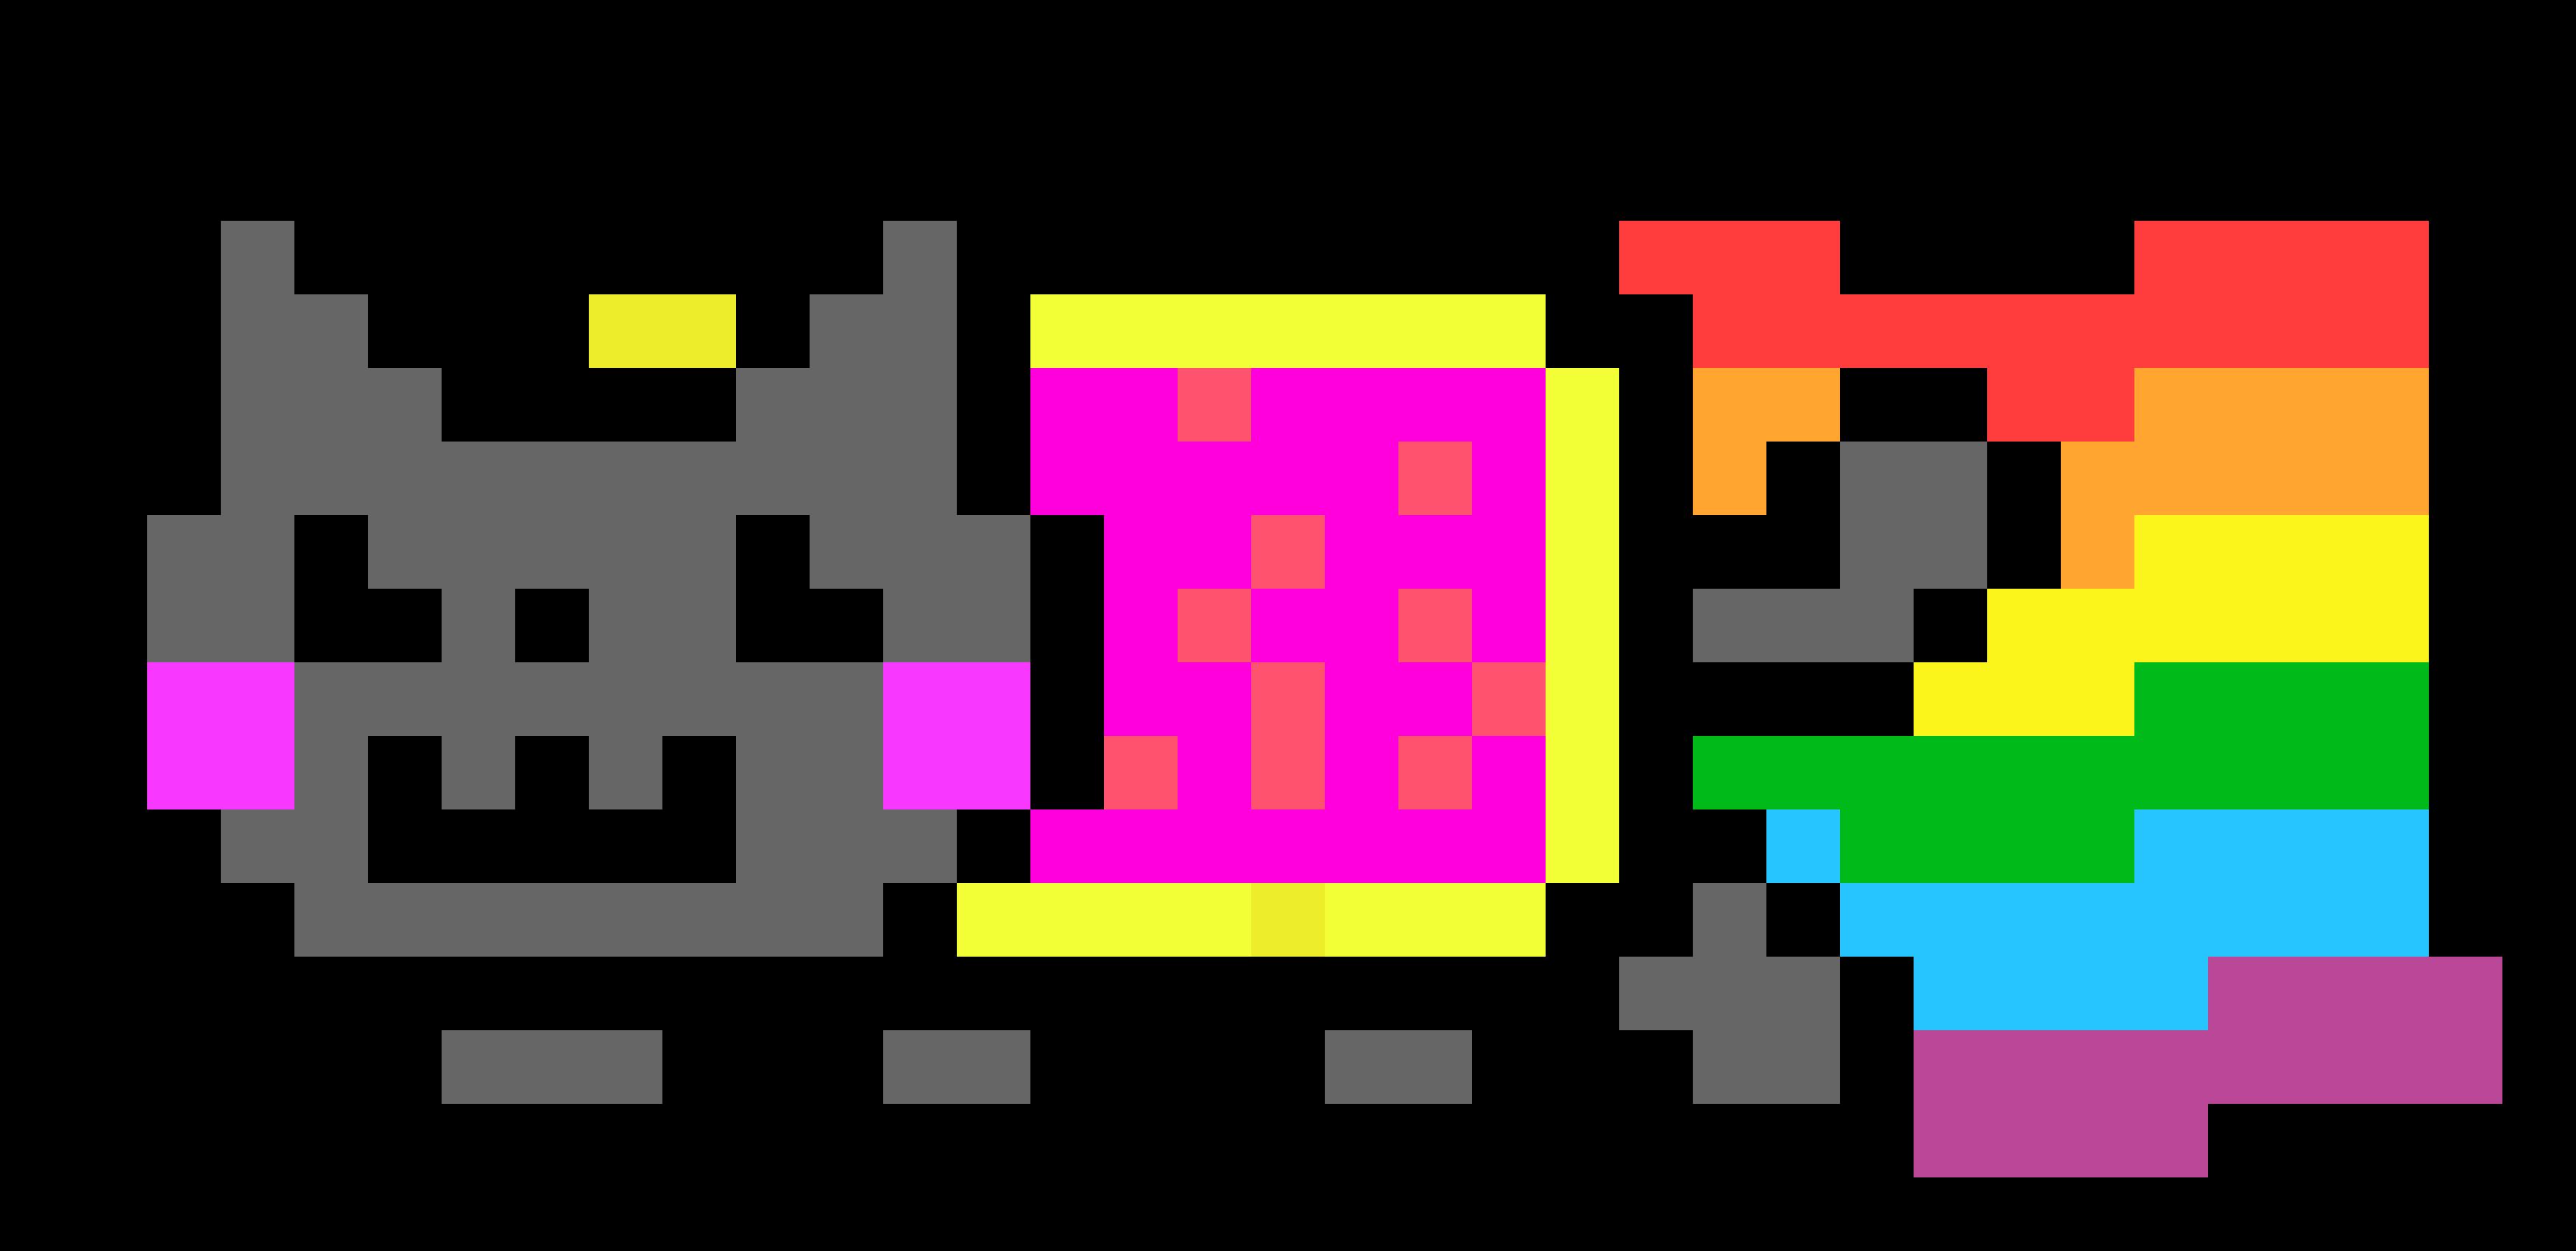 nyan cat pixel art